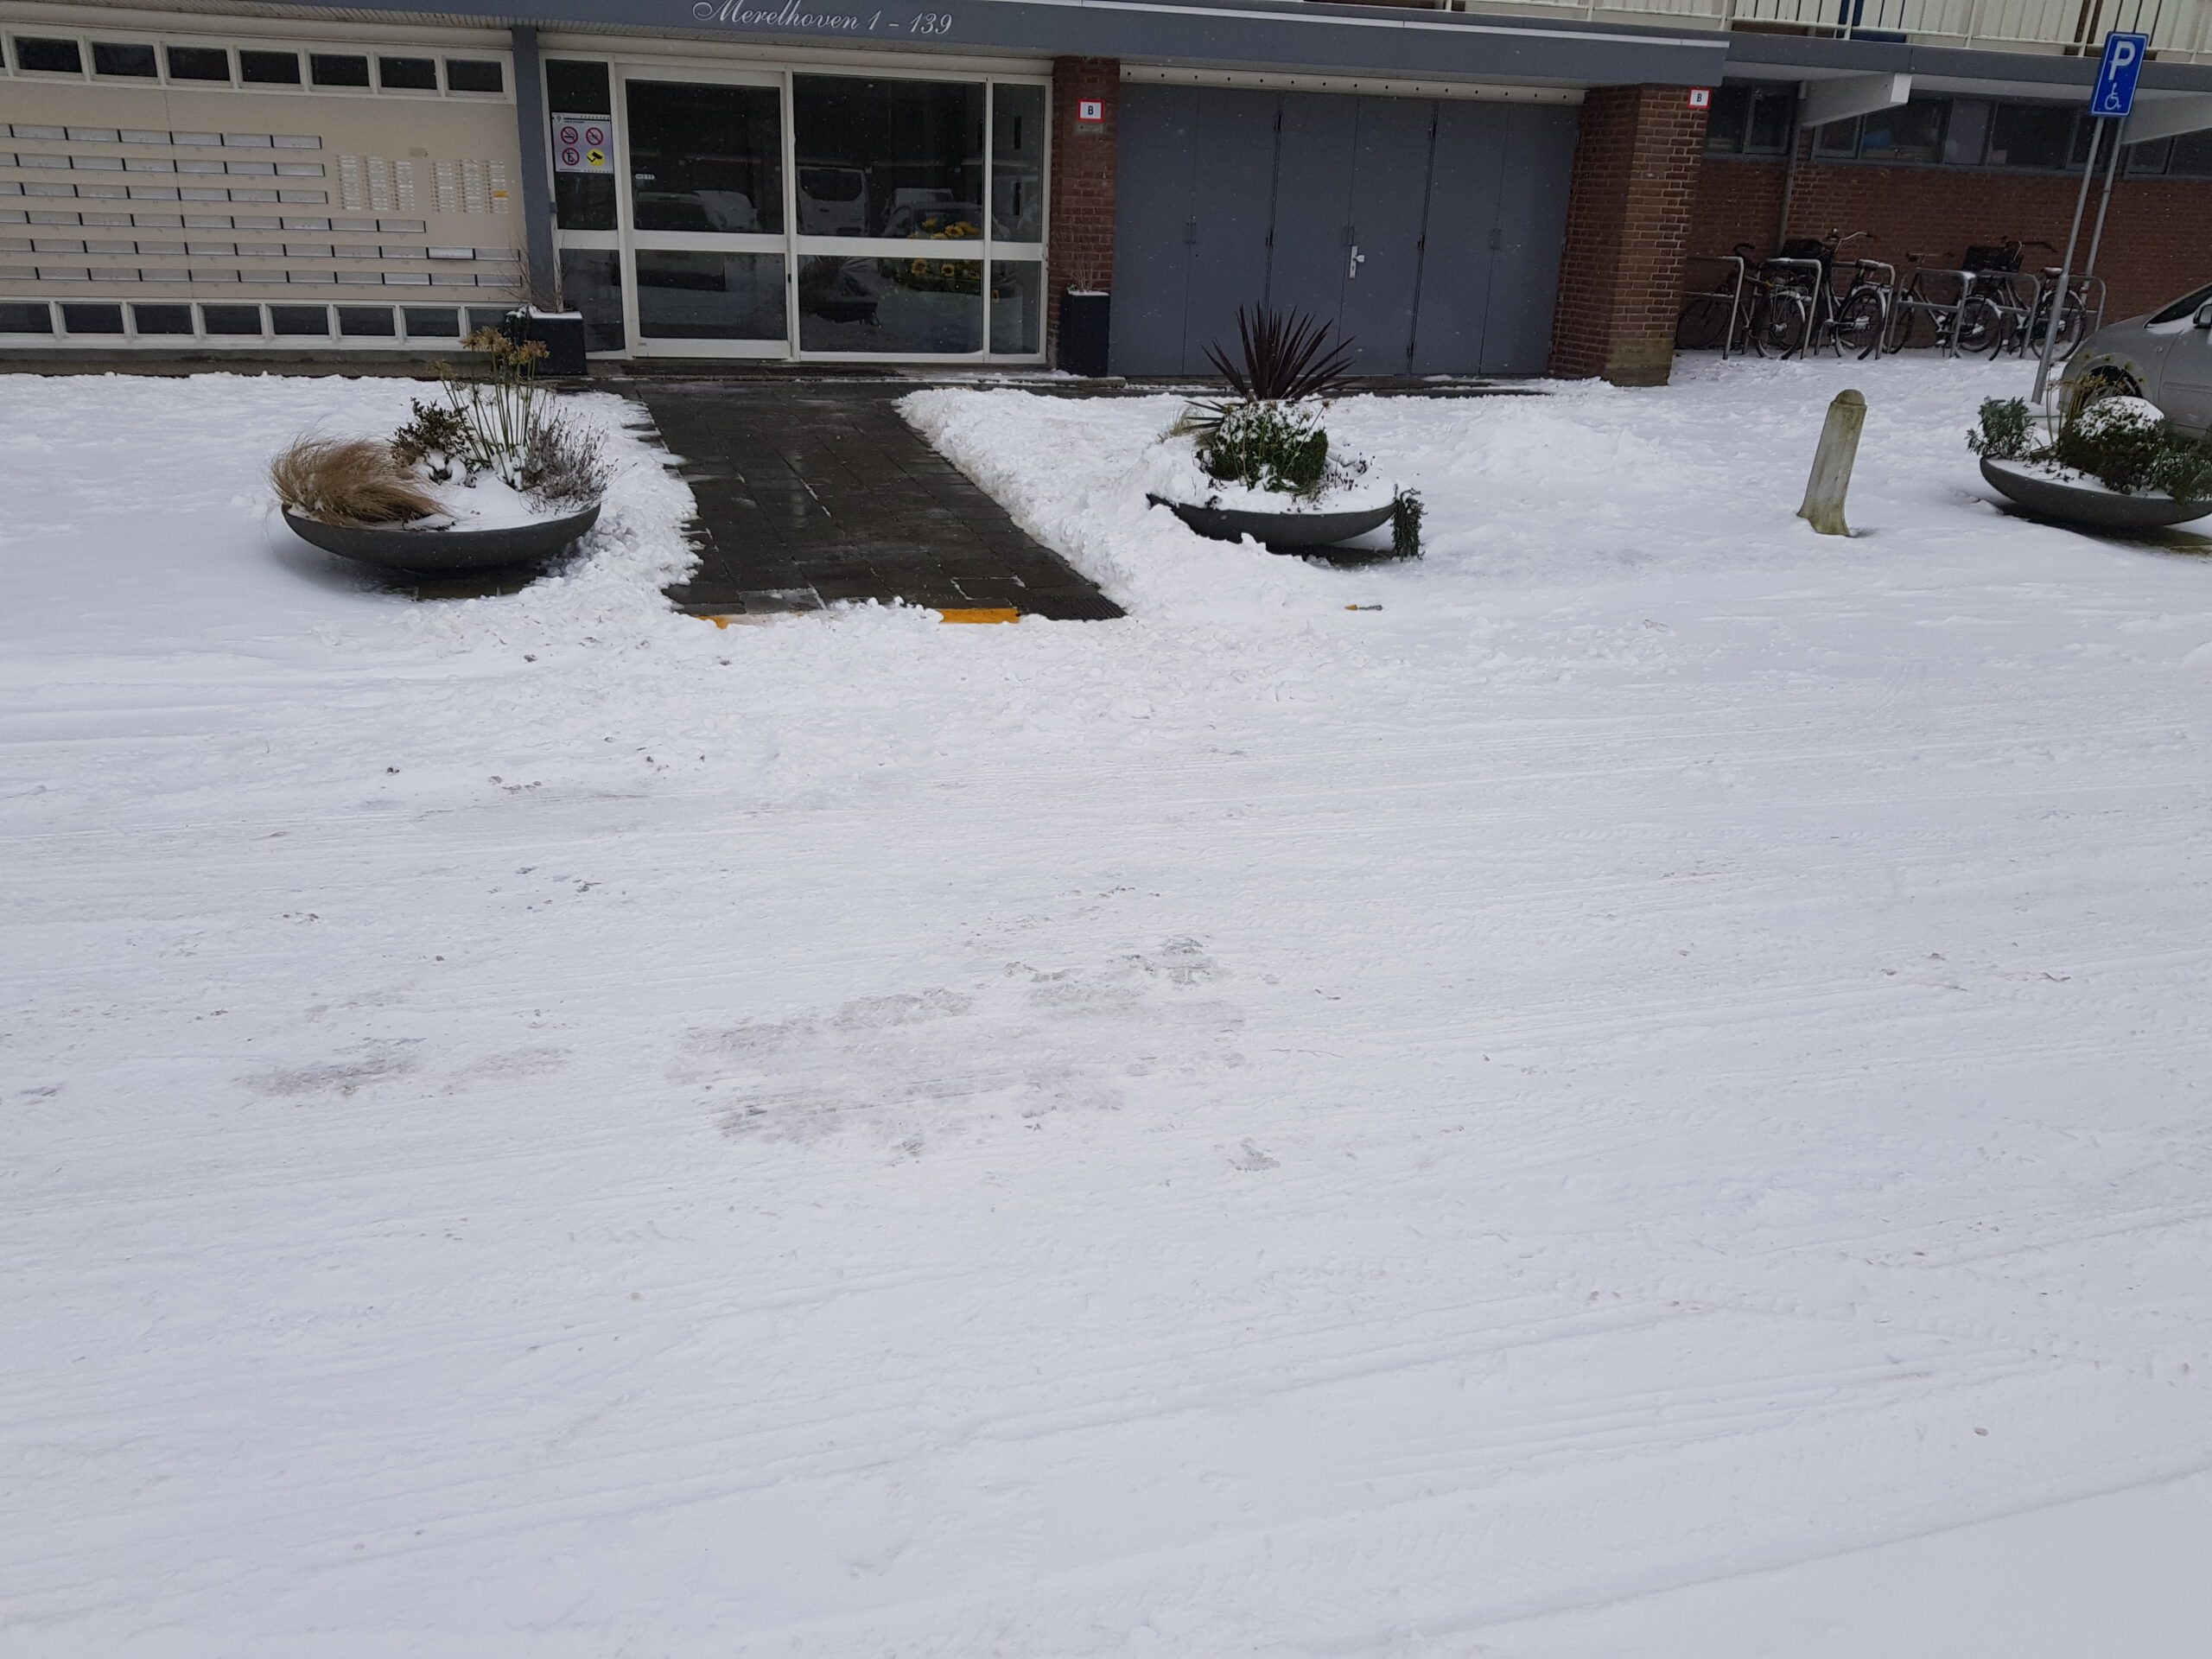 Sneeuw verwijderen VvE Rotterdam